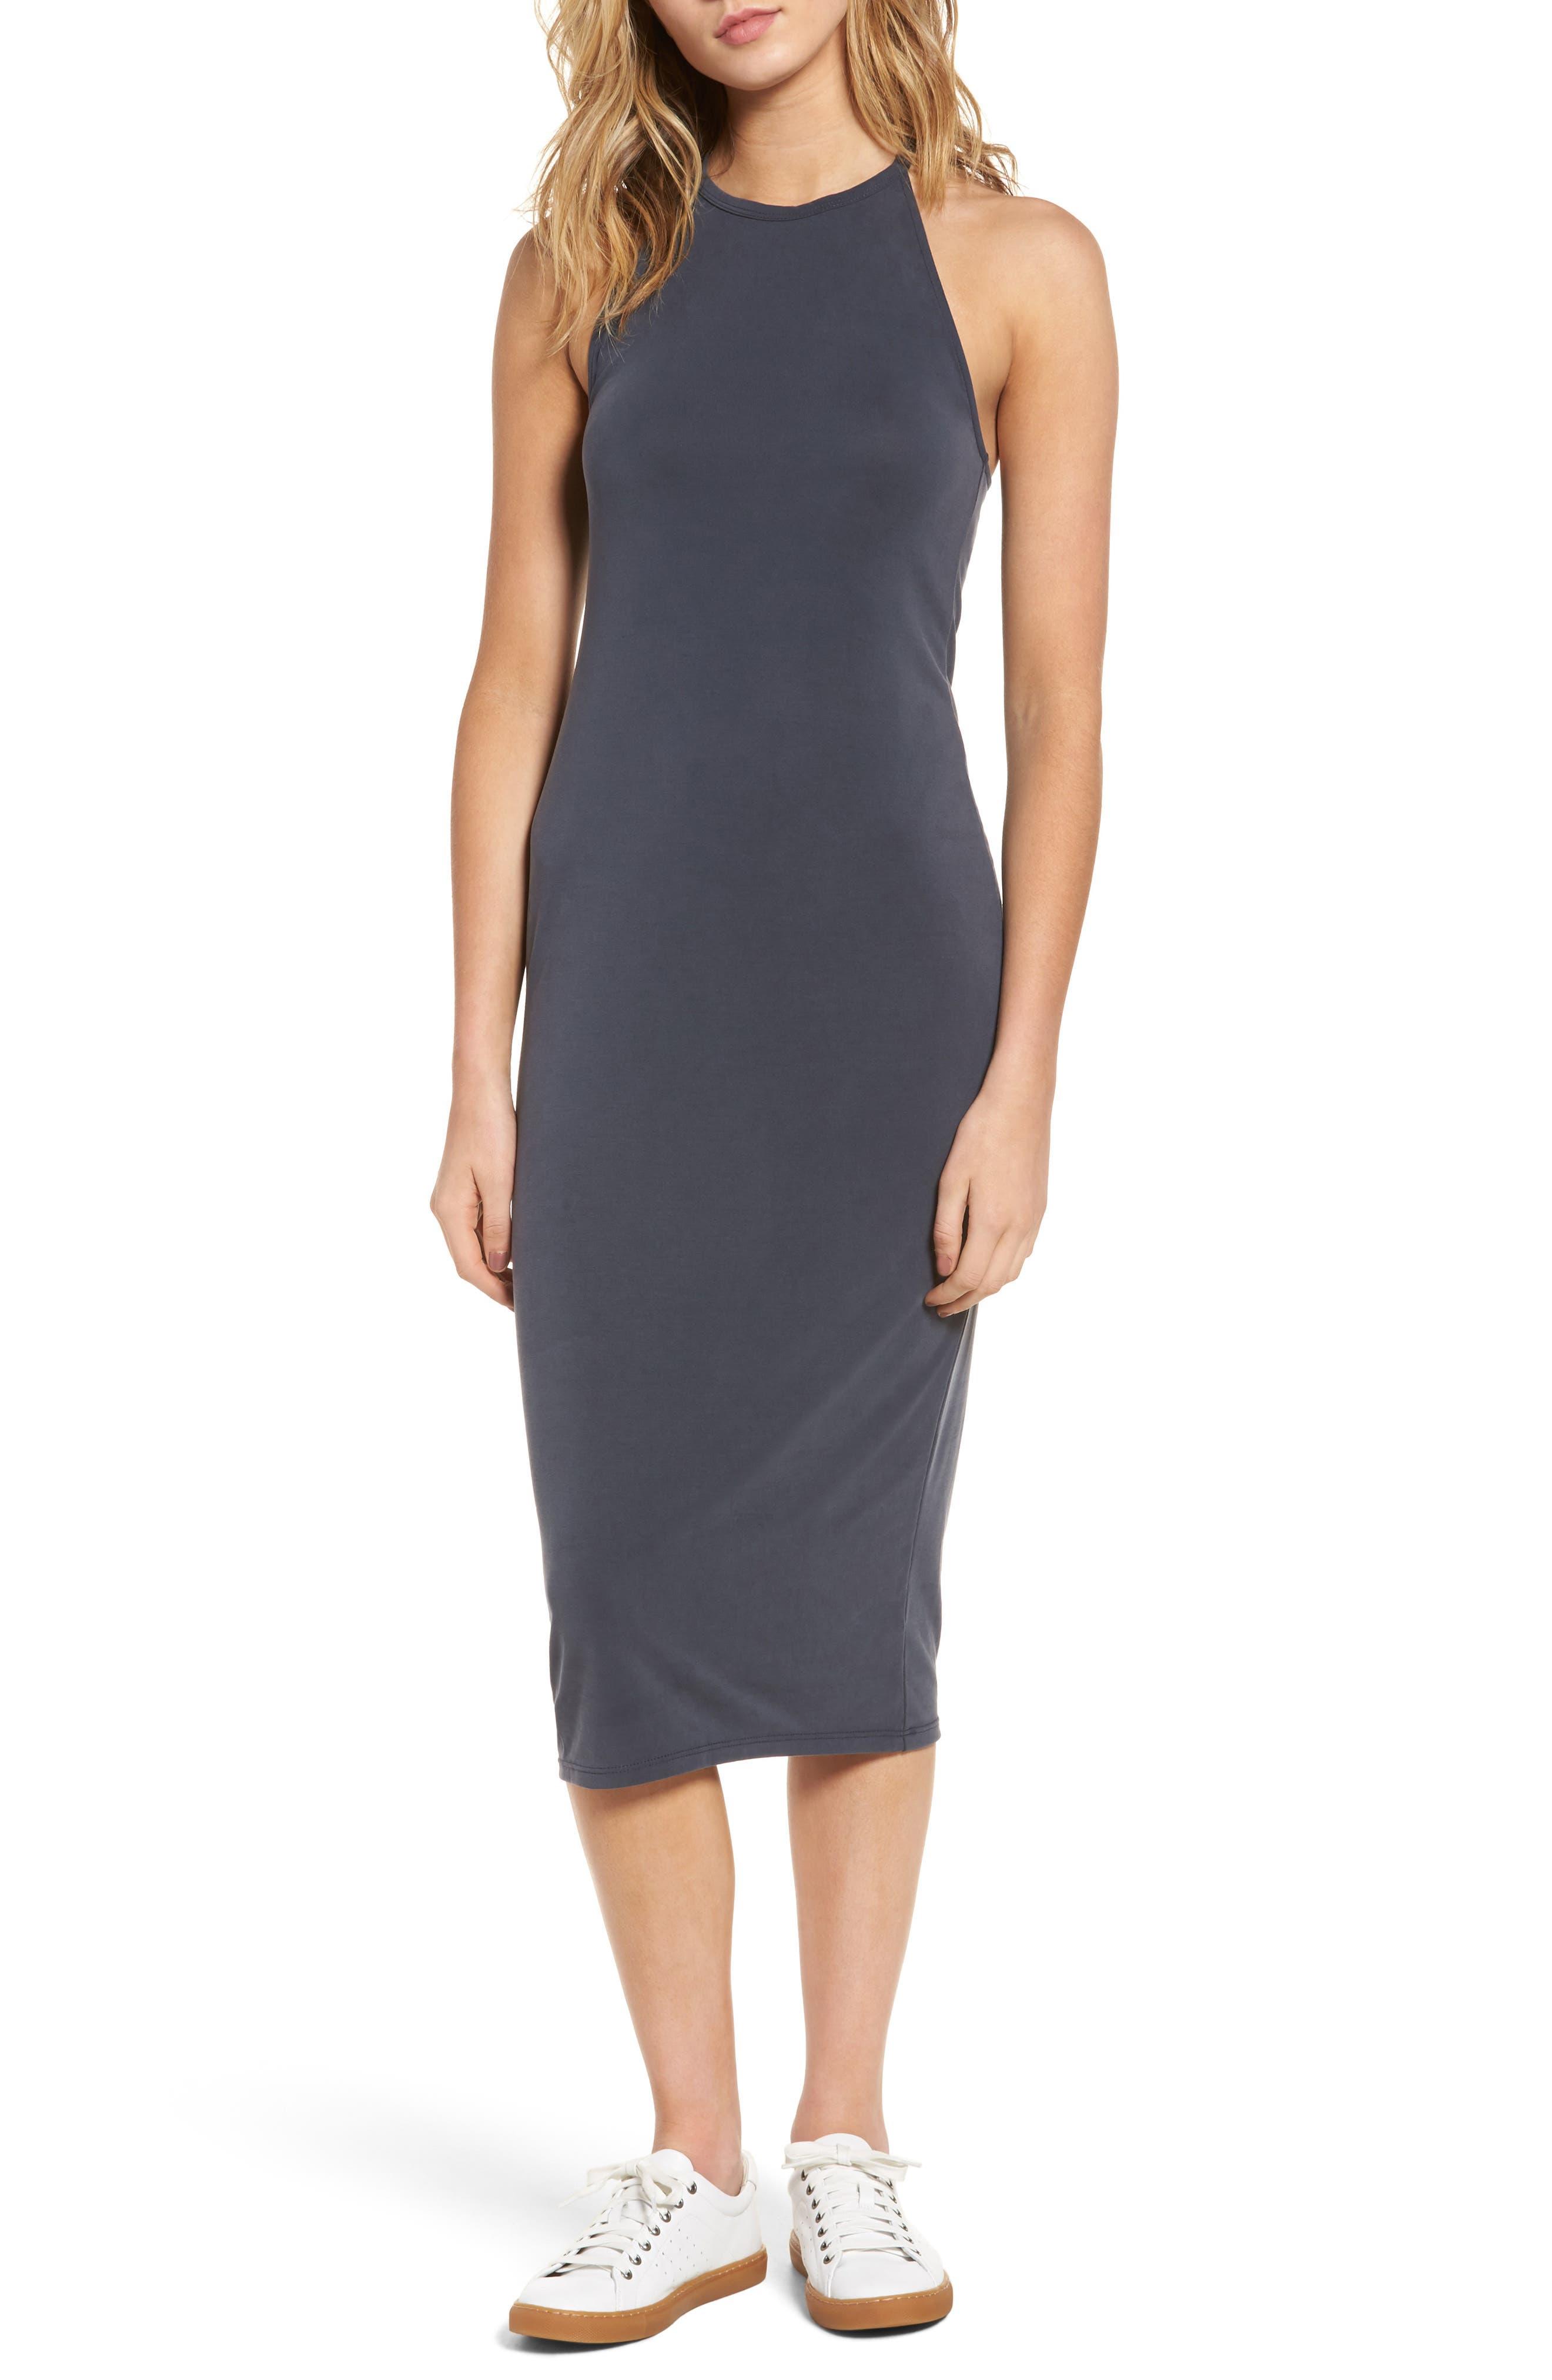 Cutaway Tank Dress,                             Main thumbnail 1, color,                             Grey Ebony